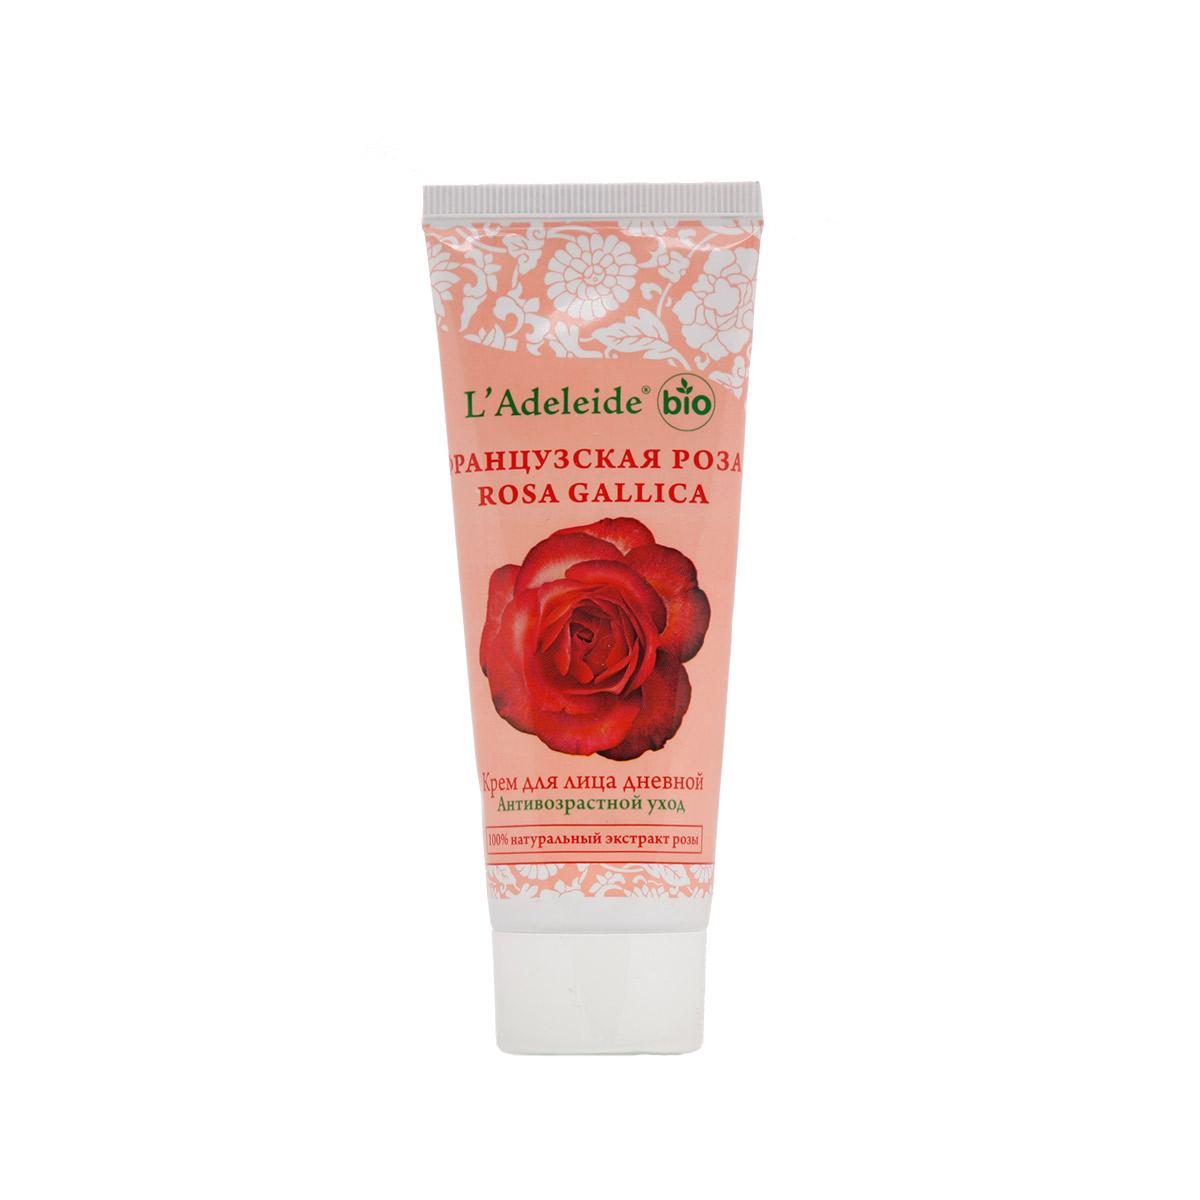 LAdeleide Крем для лица дневной Французская роза Антивозрастной, 75 млКС-097Французская роза – это линия компании L'Adeleide на основе натурального экстракта французской розы, волшебным эффектом которого пользуются многие столетия жительницы Cредиземноморья. Французская роза известна своим регенерирующим и омолаживающим эффектом. Благодаря последним технологиям, L'Adeleide смог передать сильный эффект экстракта. Косметический крем для лица Французская роза легко впитывается, устраняет все признаки уставшей кожи: успокаивает, увлажняет и питает. Сбалансированная формула крема содержит дистиллят розы и важнейшие витамины F и E. Крем способствует поддержанию эластичности и упругости кожи. В составе - комплекс Hydrovance, который обеспечивает тотальное увлажнение кожи за счет своего проникновения даже в самые глубокие слои эпидермиса. Hydrovance уменьшает раздражения и воспаления сухой кожи и повышает эластичность. Применение крема стимулирует клеточную регенерацию, препятствует возникновению морщин, способствует разглаживанию мелких морщин, повышает...